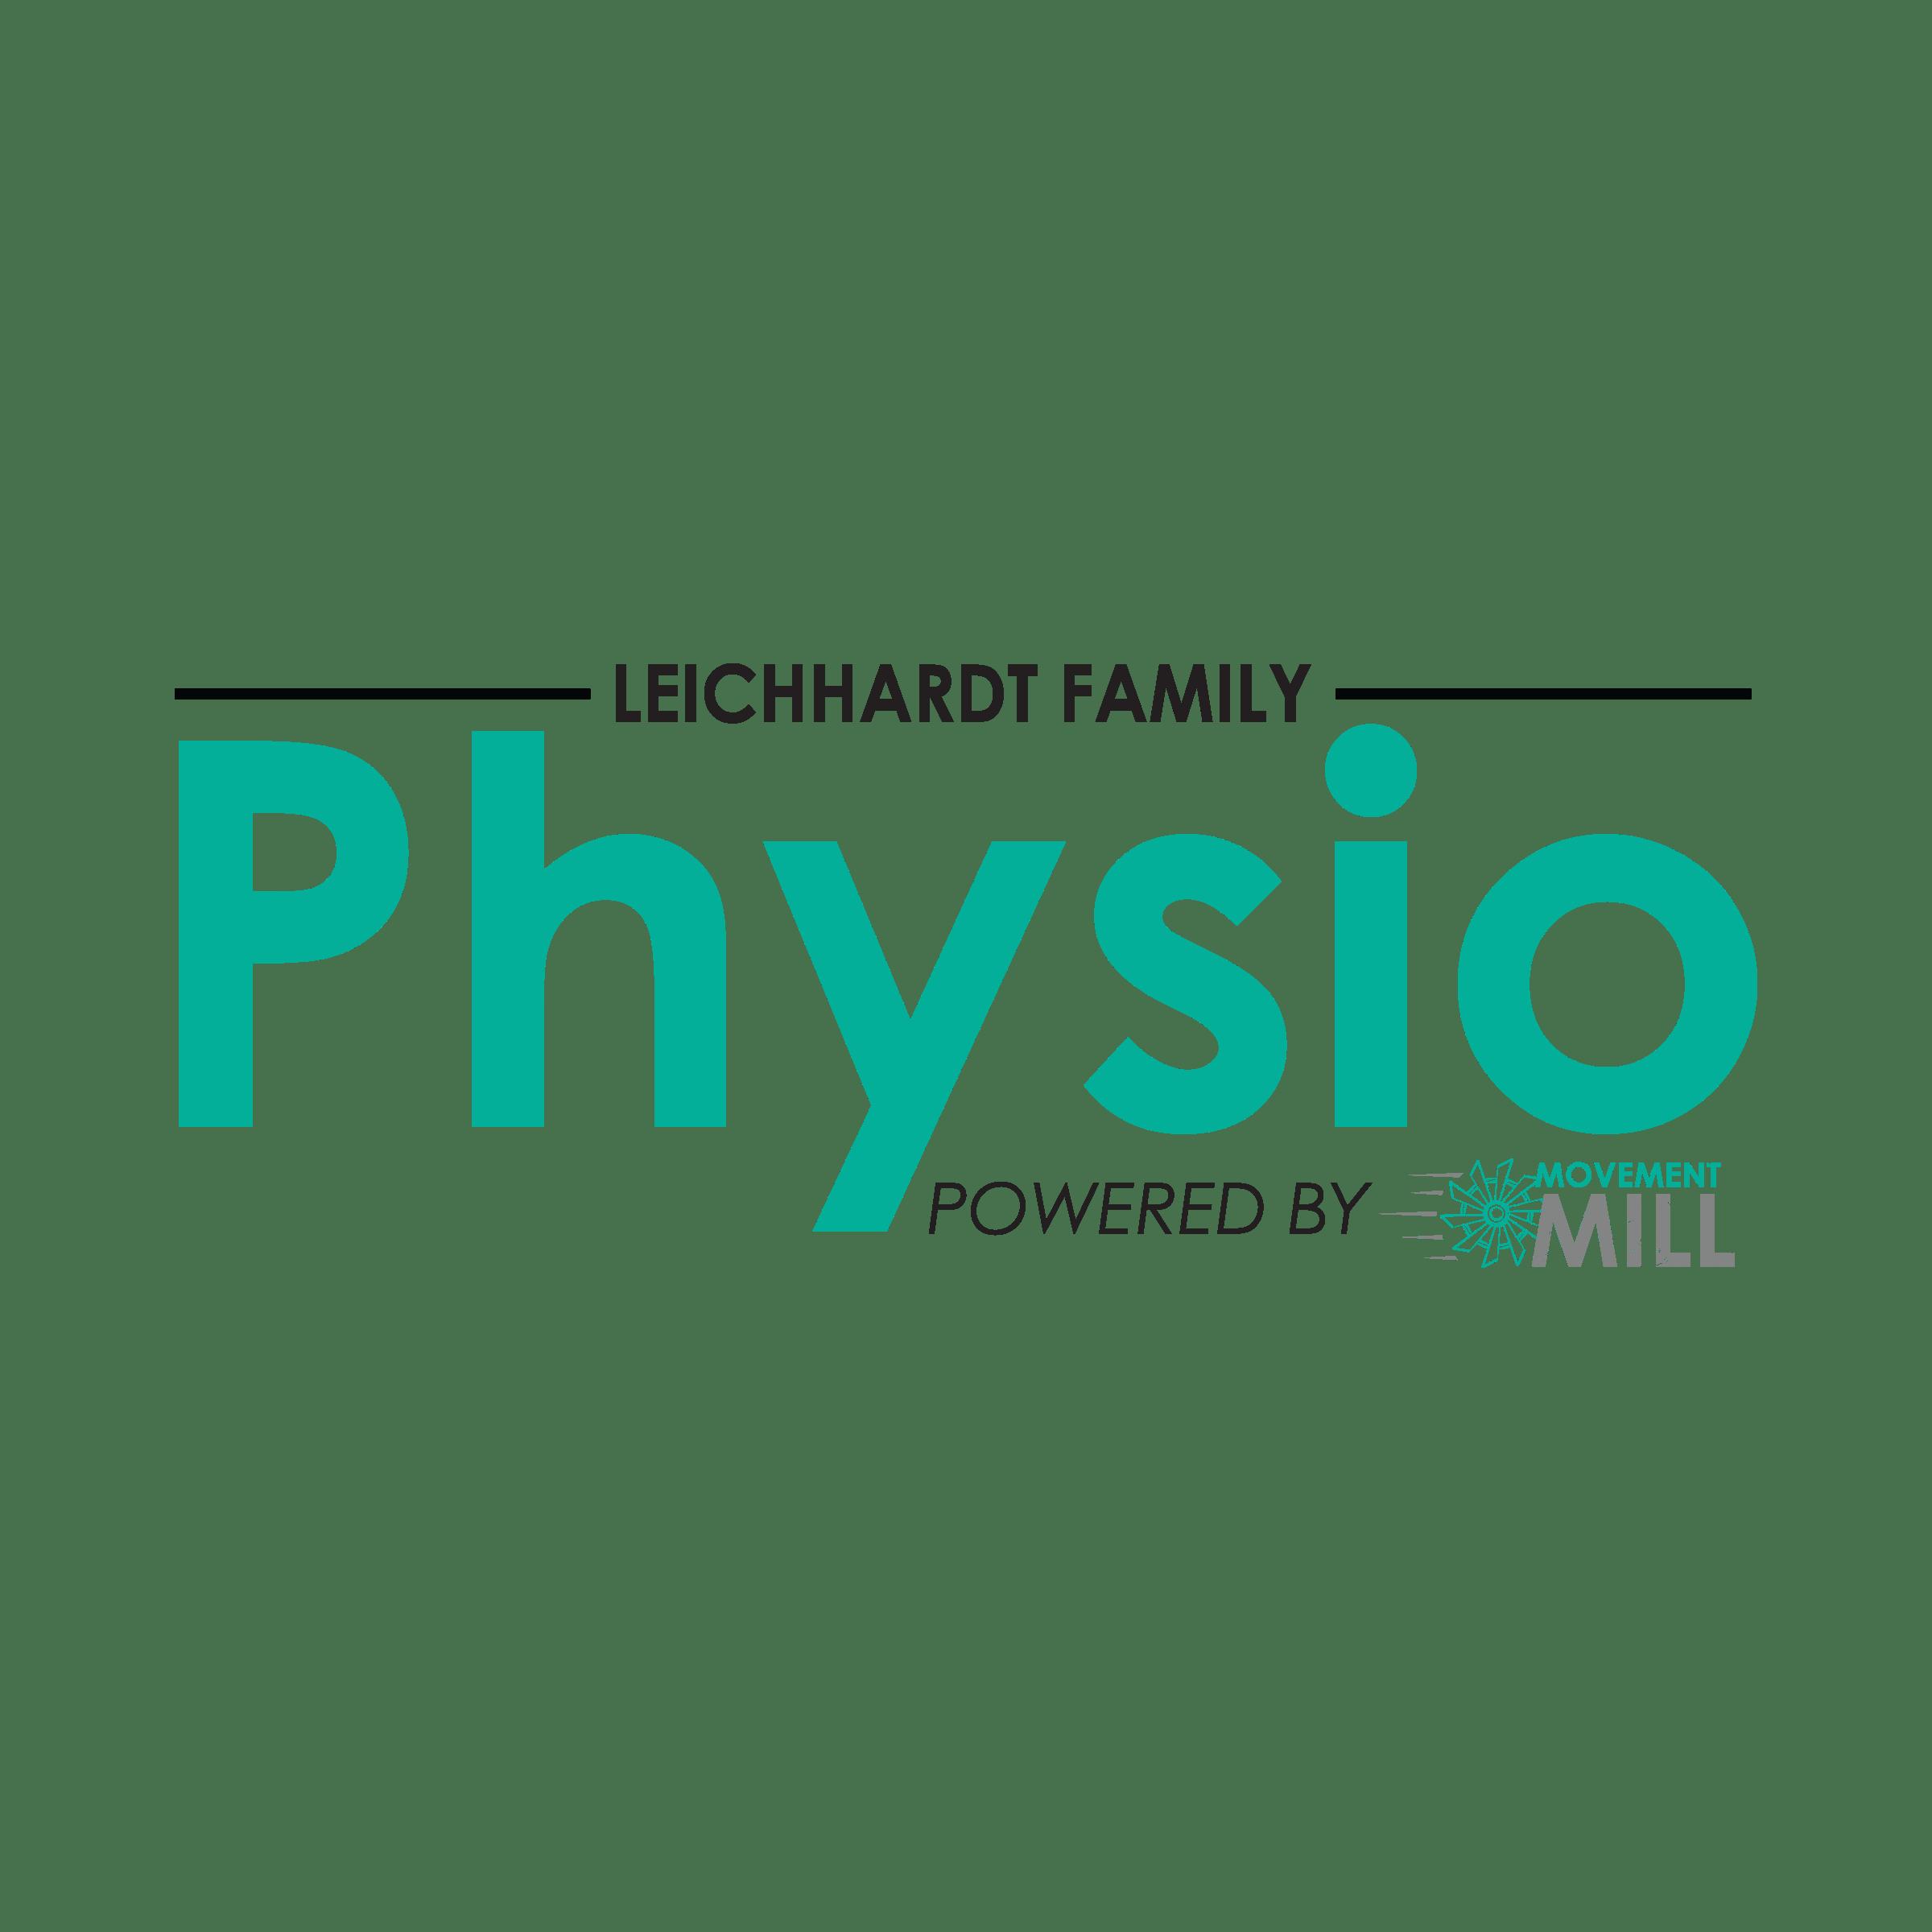 Leichhardt Family Physio Logo